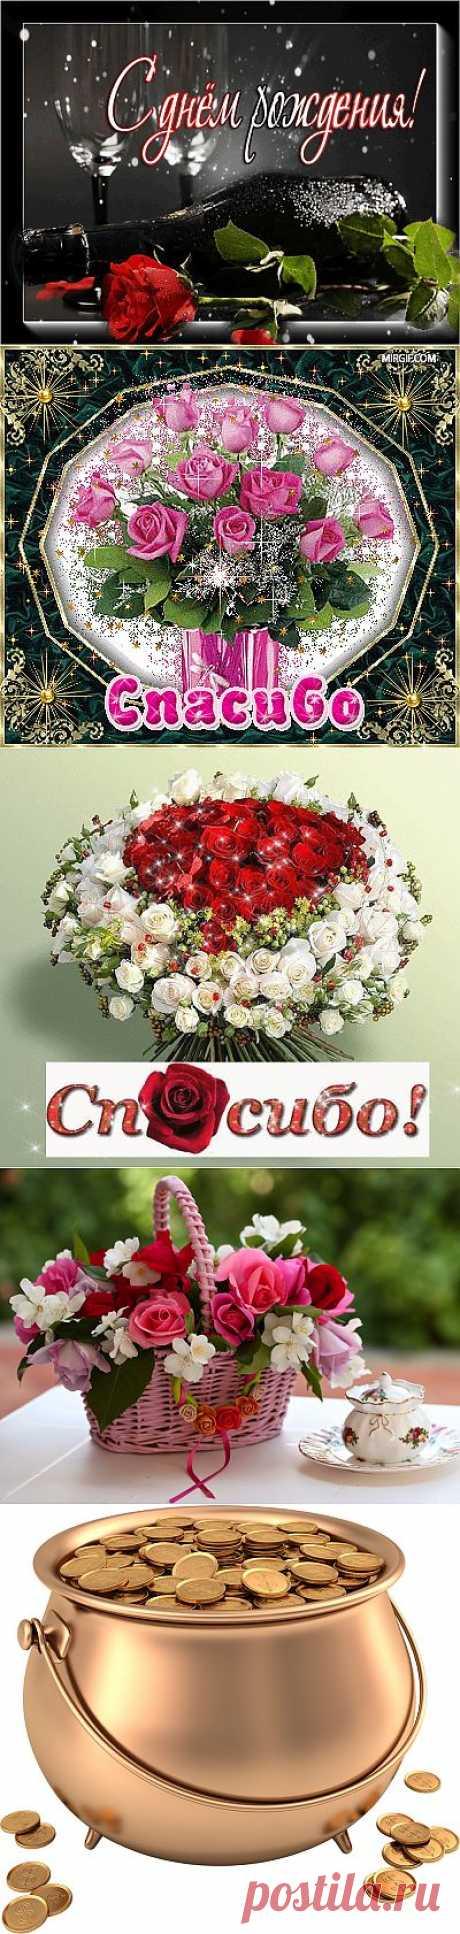 Наиночка С днем Рождения дорогая!!!!! | 4vkusa.ru